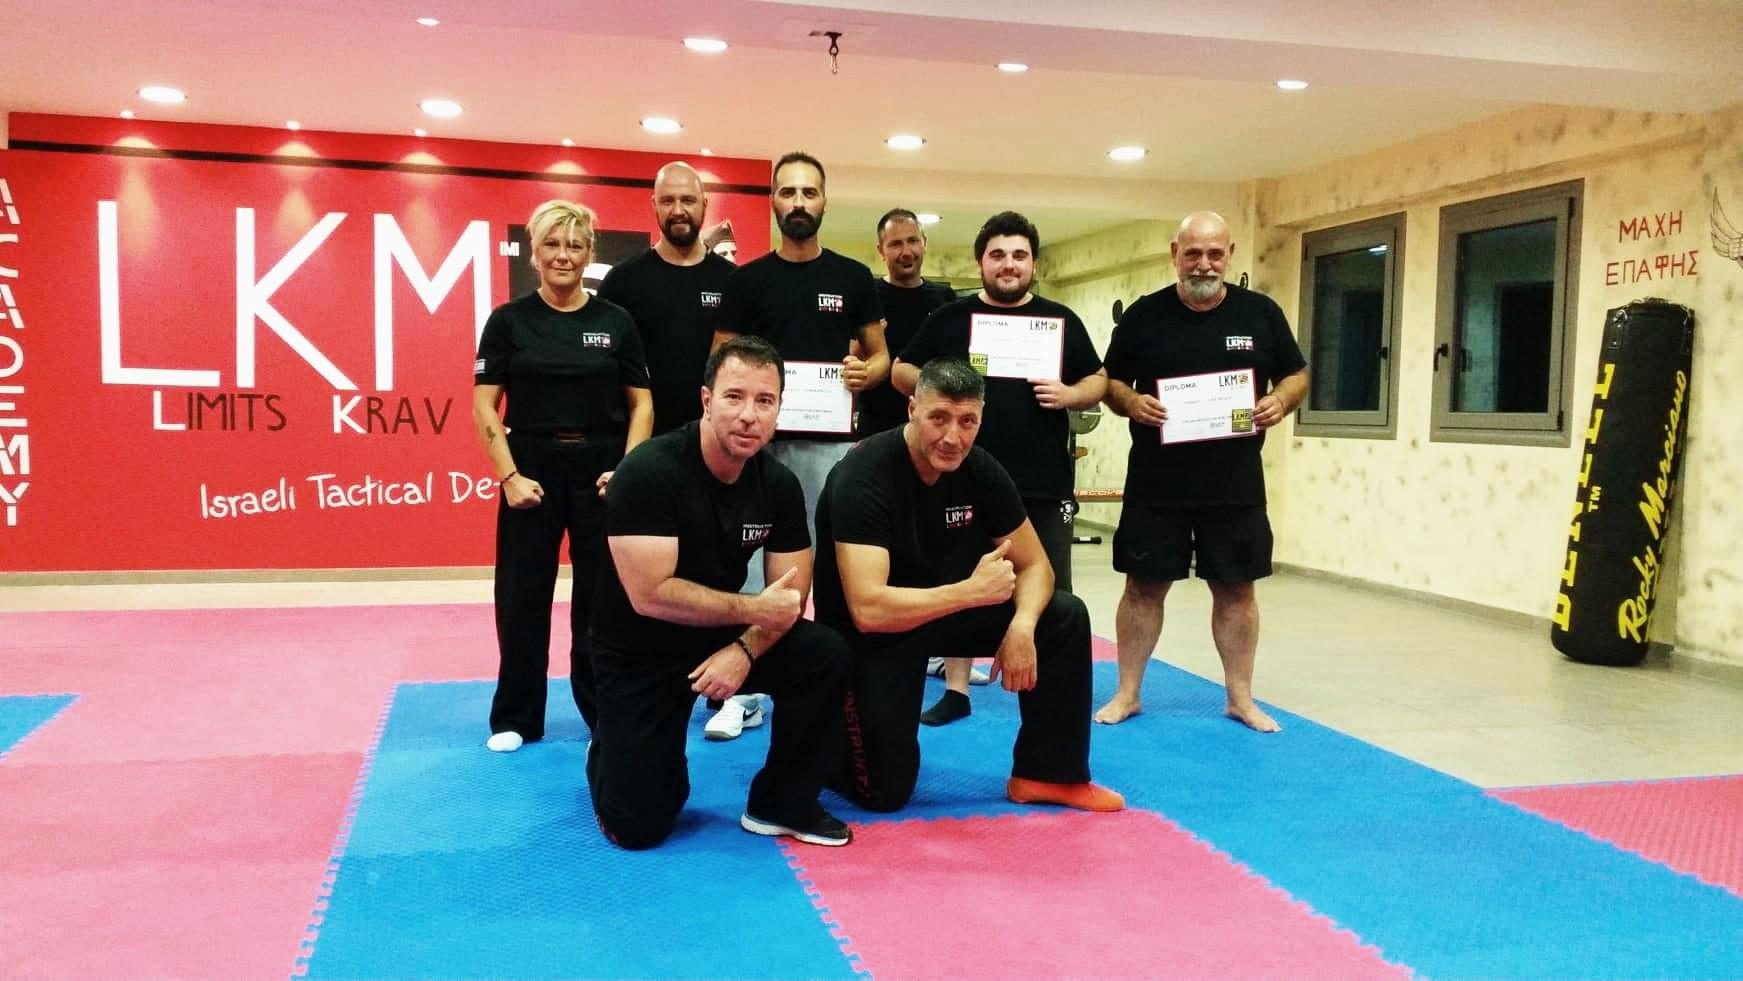 Νέοι εκπαιδευτές  Krav Maga στην Θεσσαλονίκη από την Limits Krav Maga